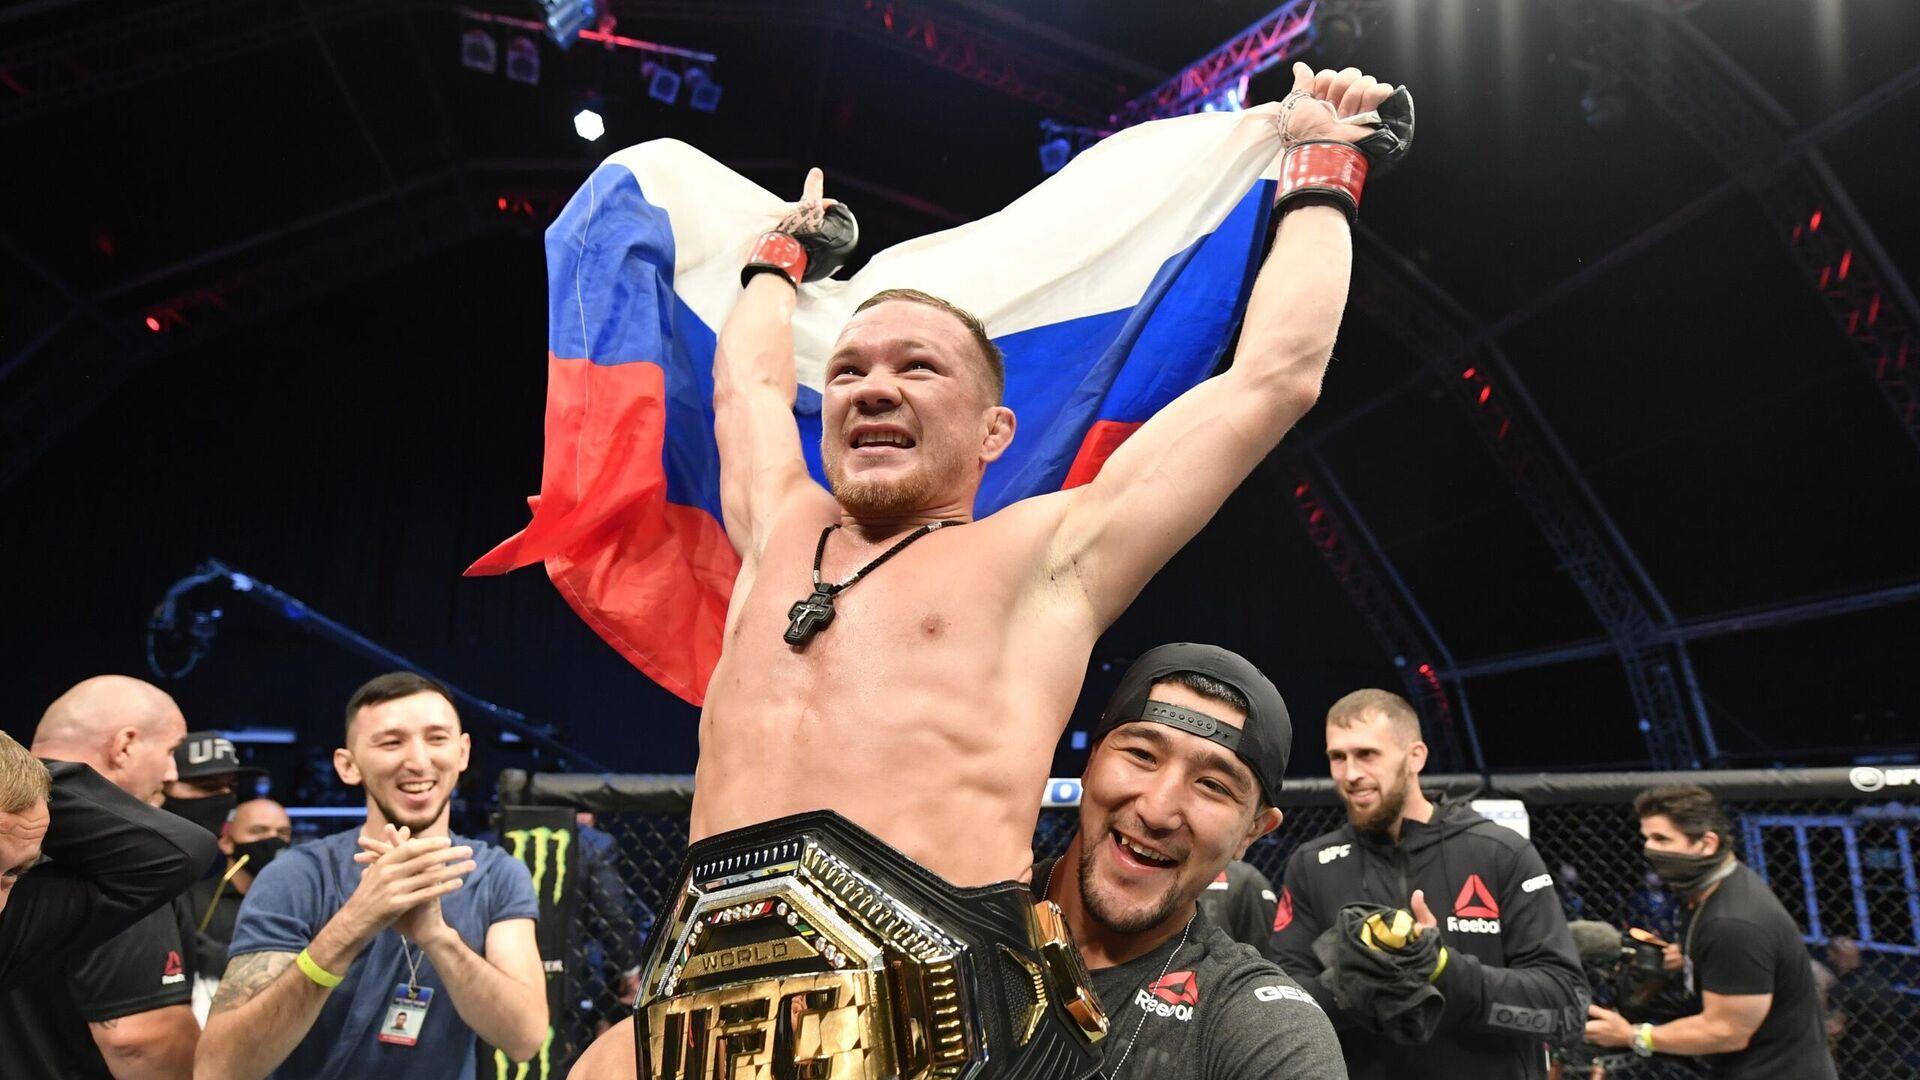 Петр Ян с поясом чемпиона UFC в легчайшем весе - РИА Новости, 1920, 05.03.2021